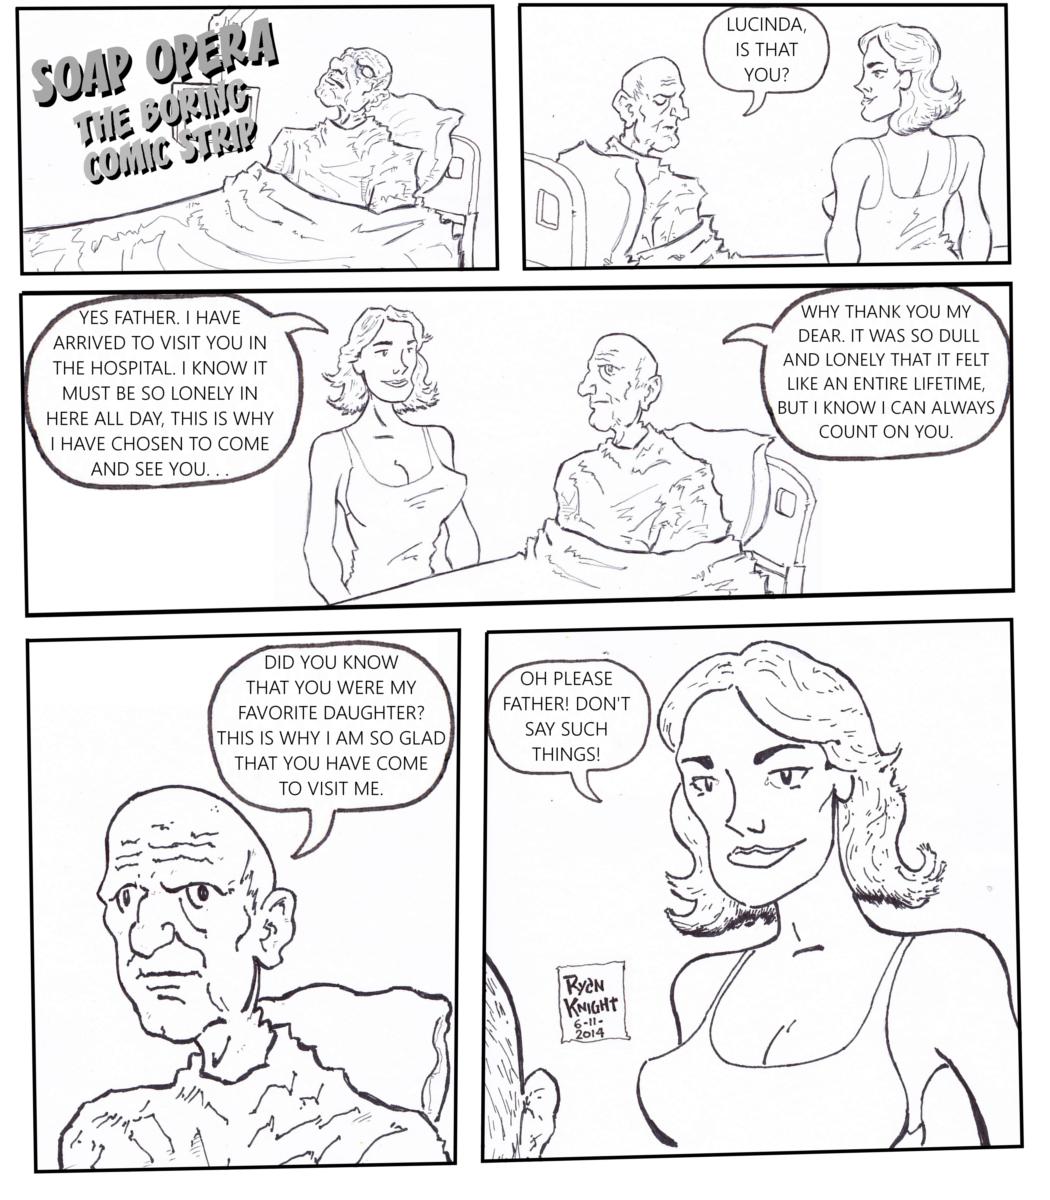 SOAP OPERA: THE BORING COMIC STRIP (6-11-2014)